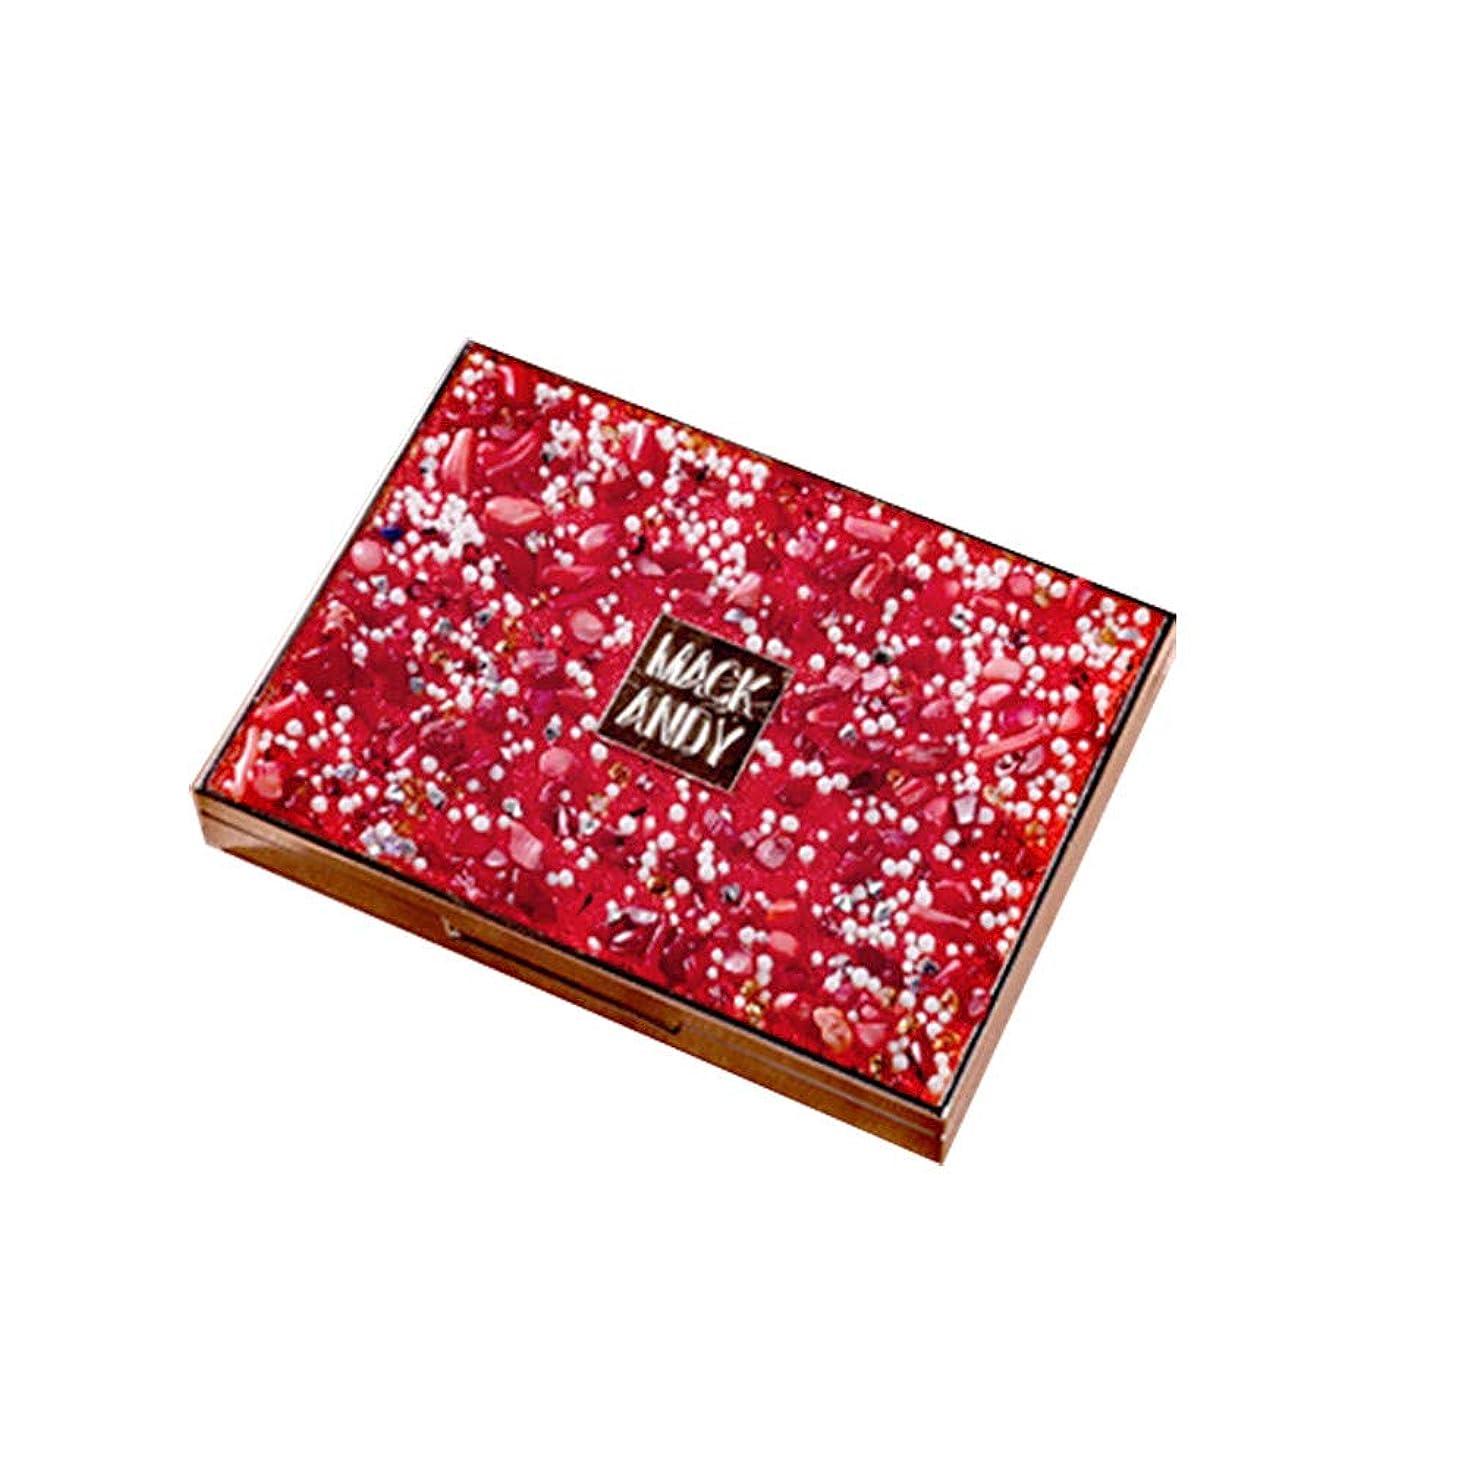 絶対にブロー小康アイシャドウ 8色 ブラシ付き スパンコール 女子力 パウダー パールアイシャドウ メイクパレット アイシャドー メイクパレット グリッター 女性 日常 日韓風 携帯便利 極め細かいアイメイクhuajuan (RD)